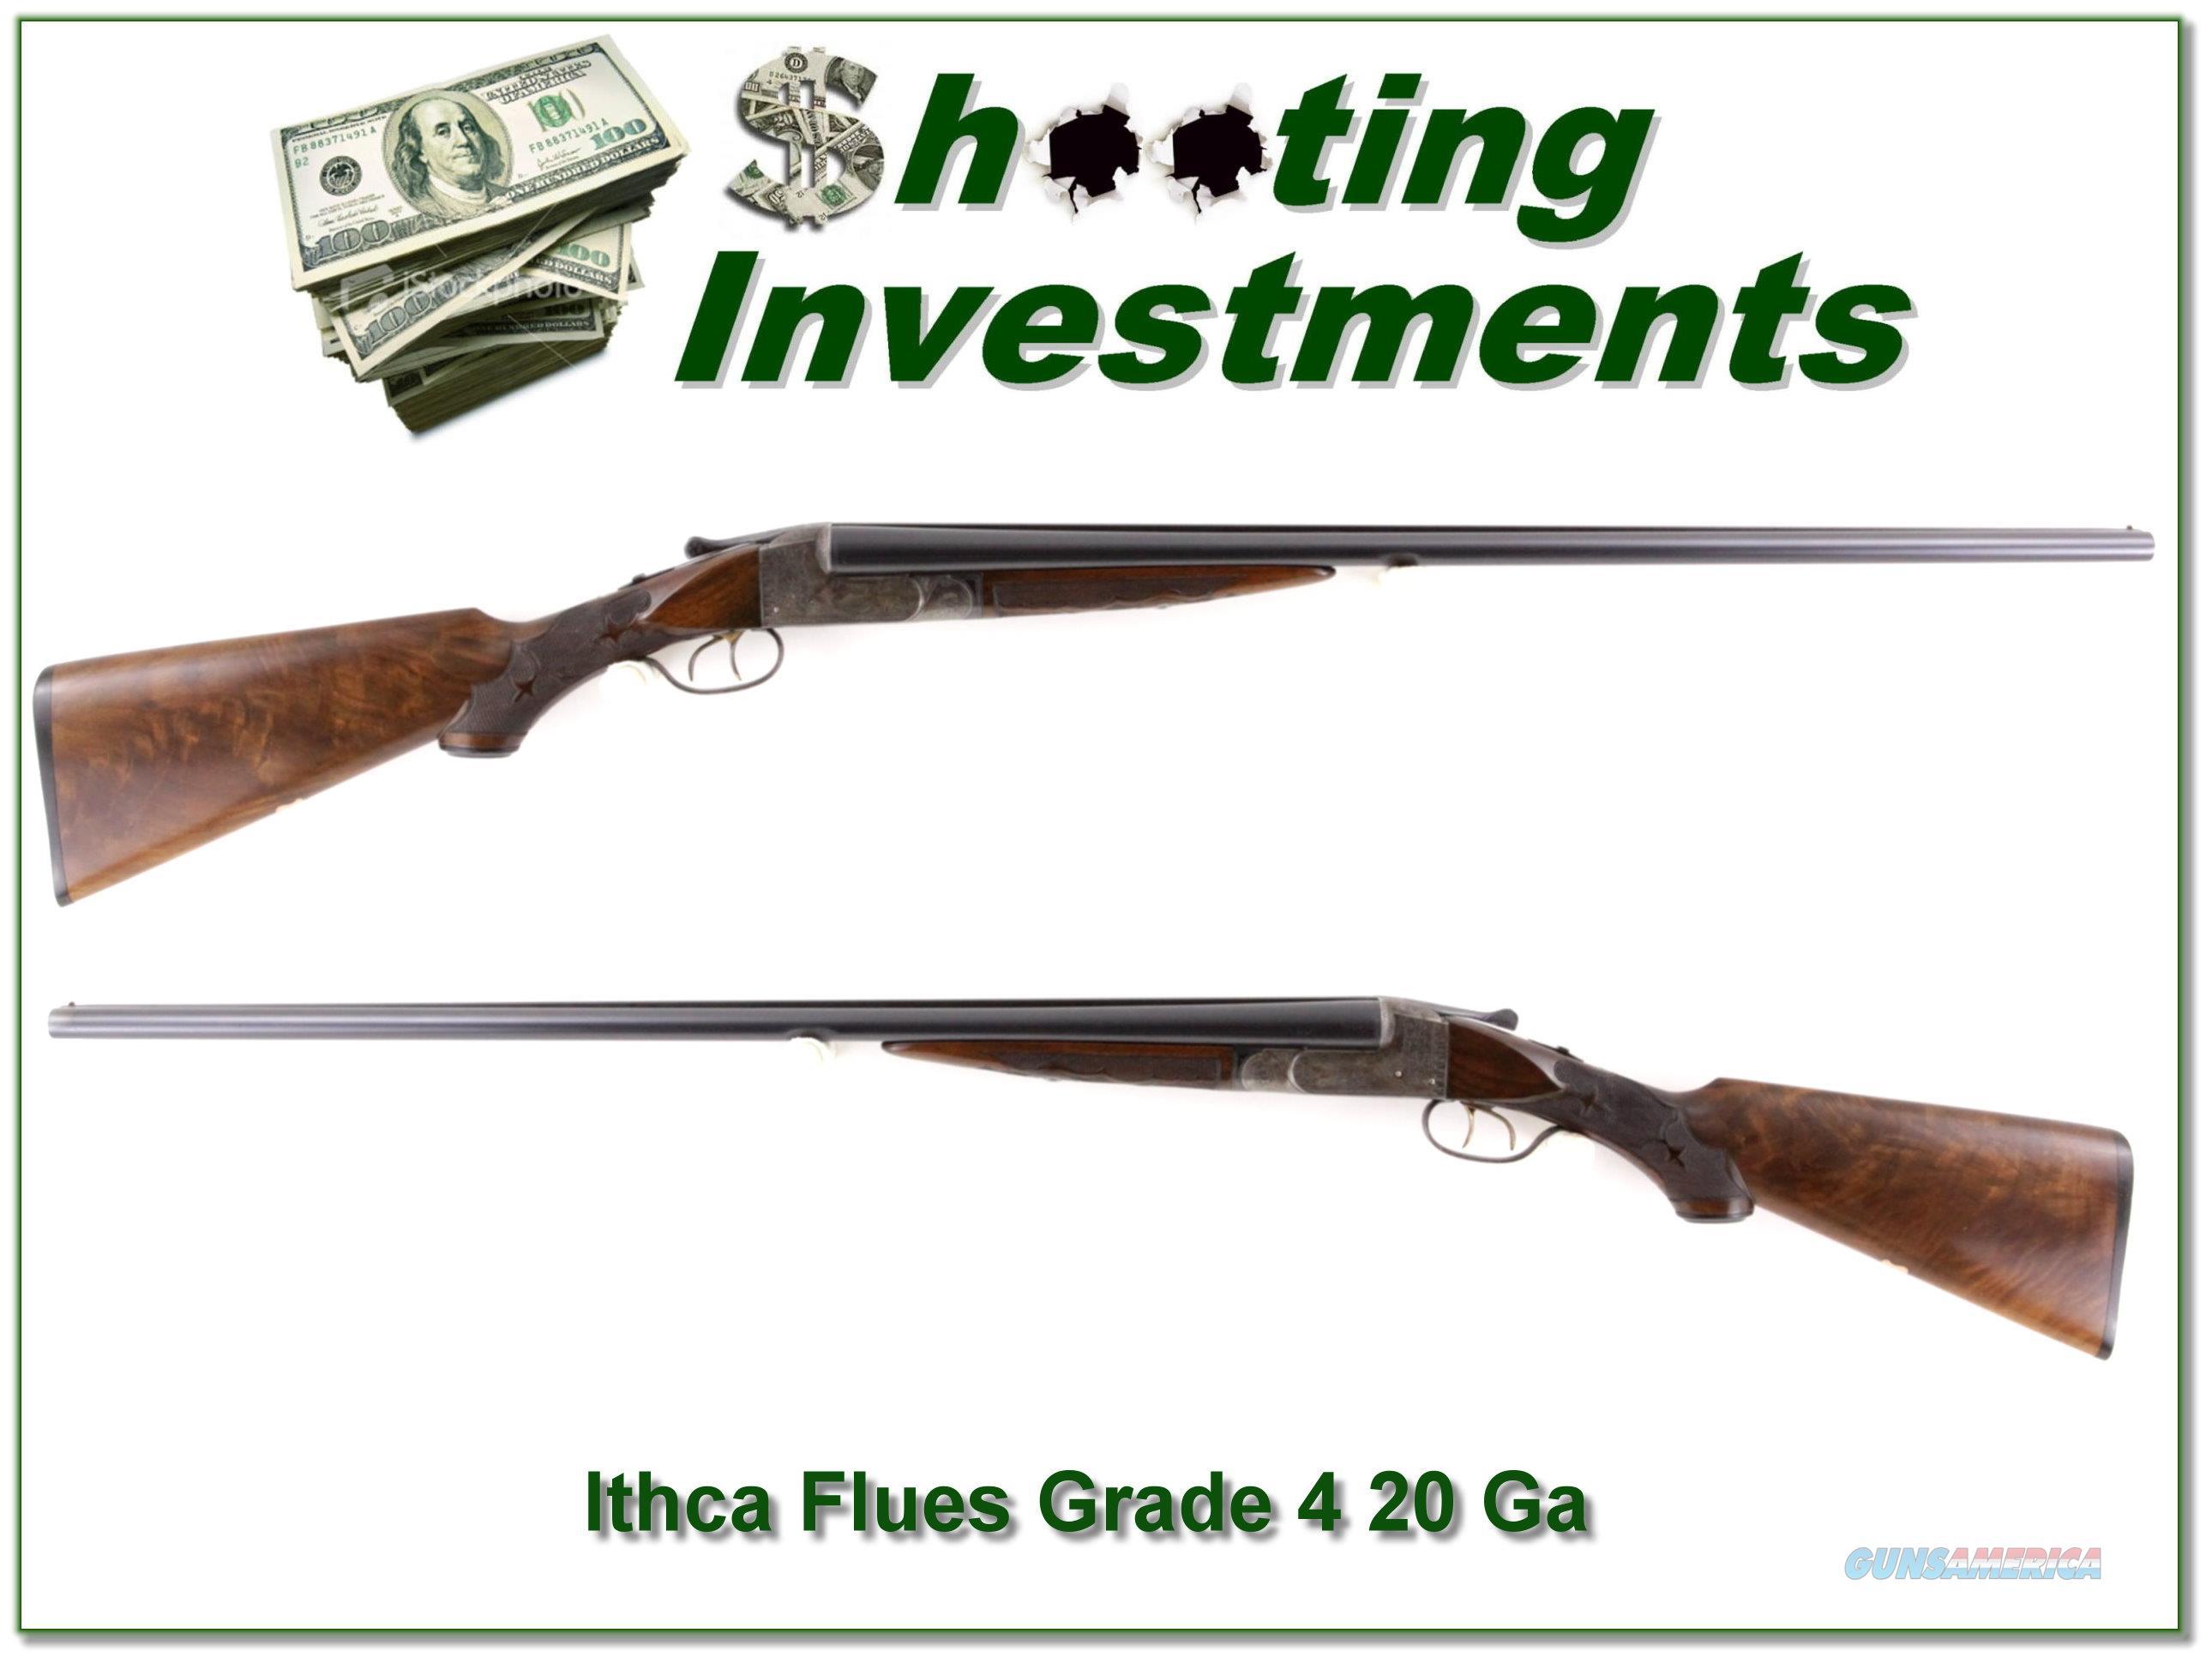 Ithaca Flues RARE Grade 4 20 Ga Full & Full  Guns > Shotguns > Ithaca Shotguns > SxS